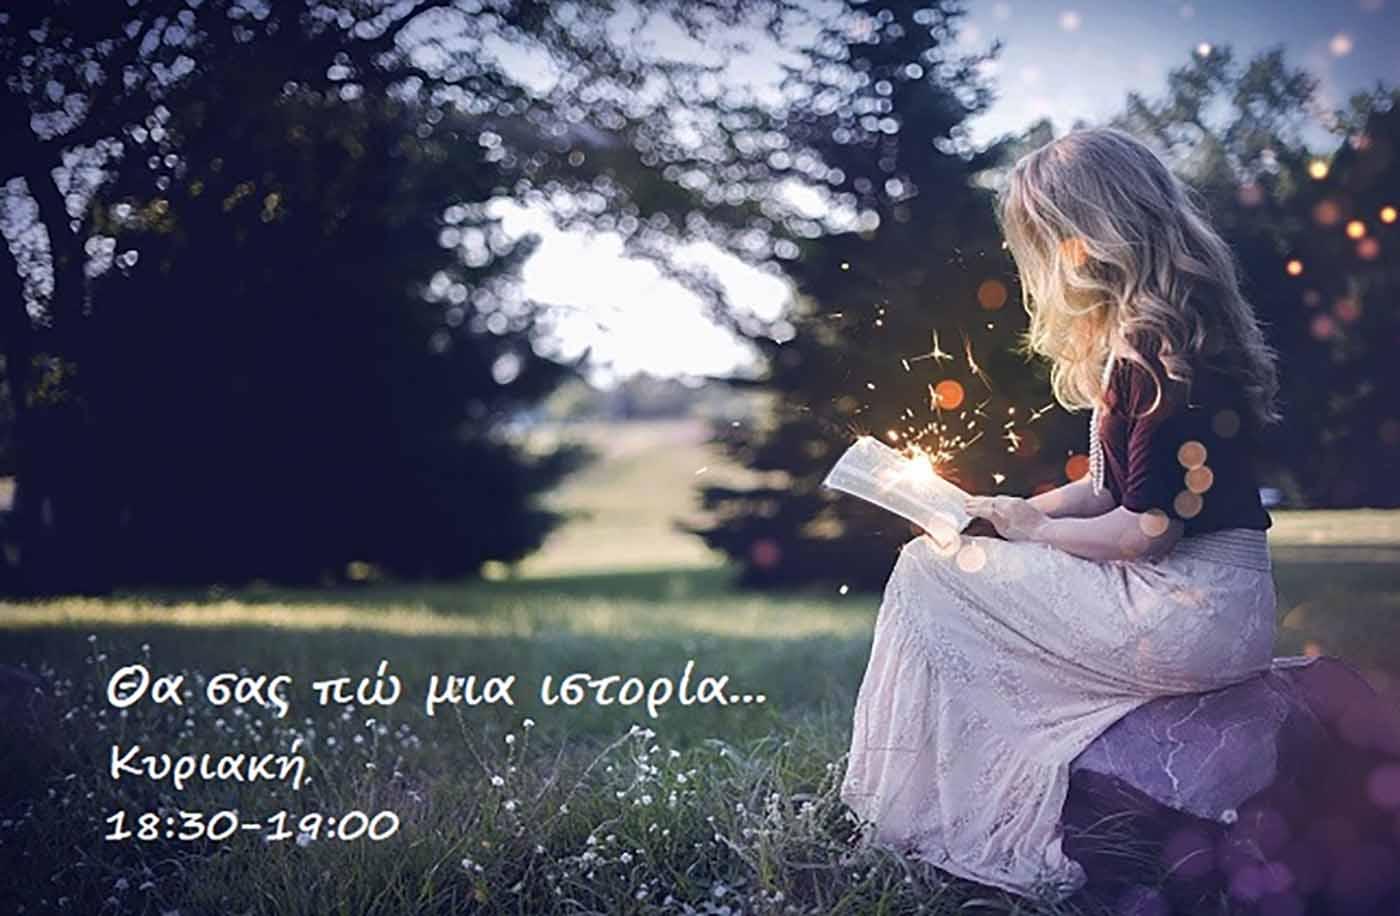 «Θα σας πω μια ιστορία» μοναδικά παραμύθια στο ραδιόφωνο –Thisisus.gr